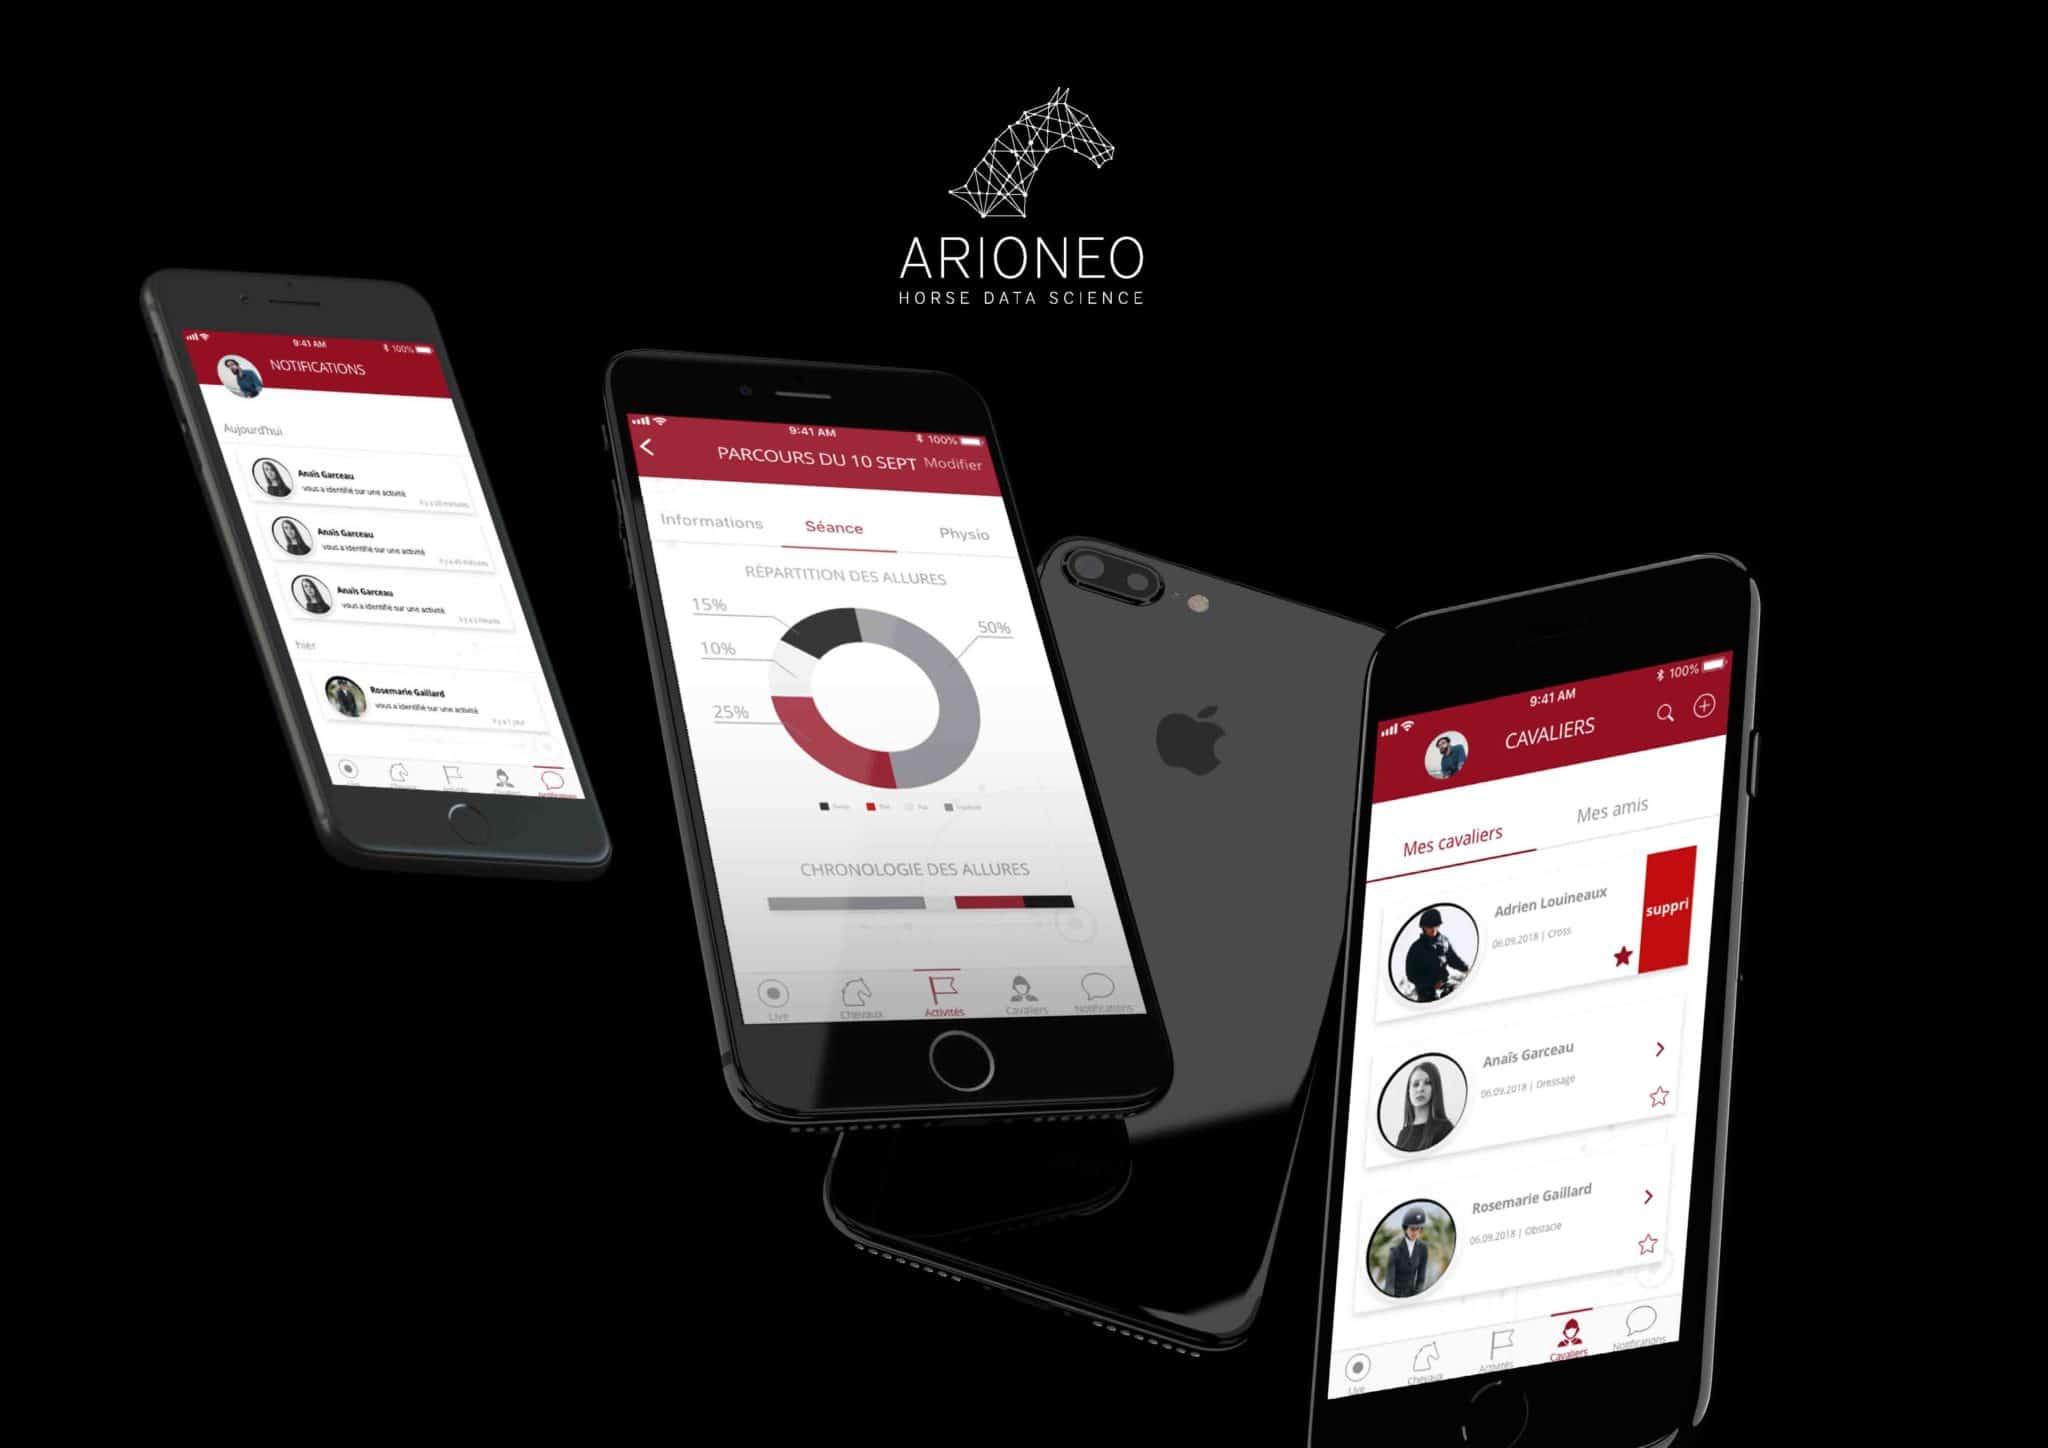 Mise en situation dans iphone, de 3 écrans de l'application i-sport app